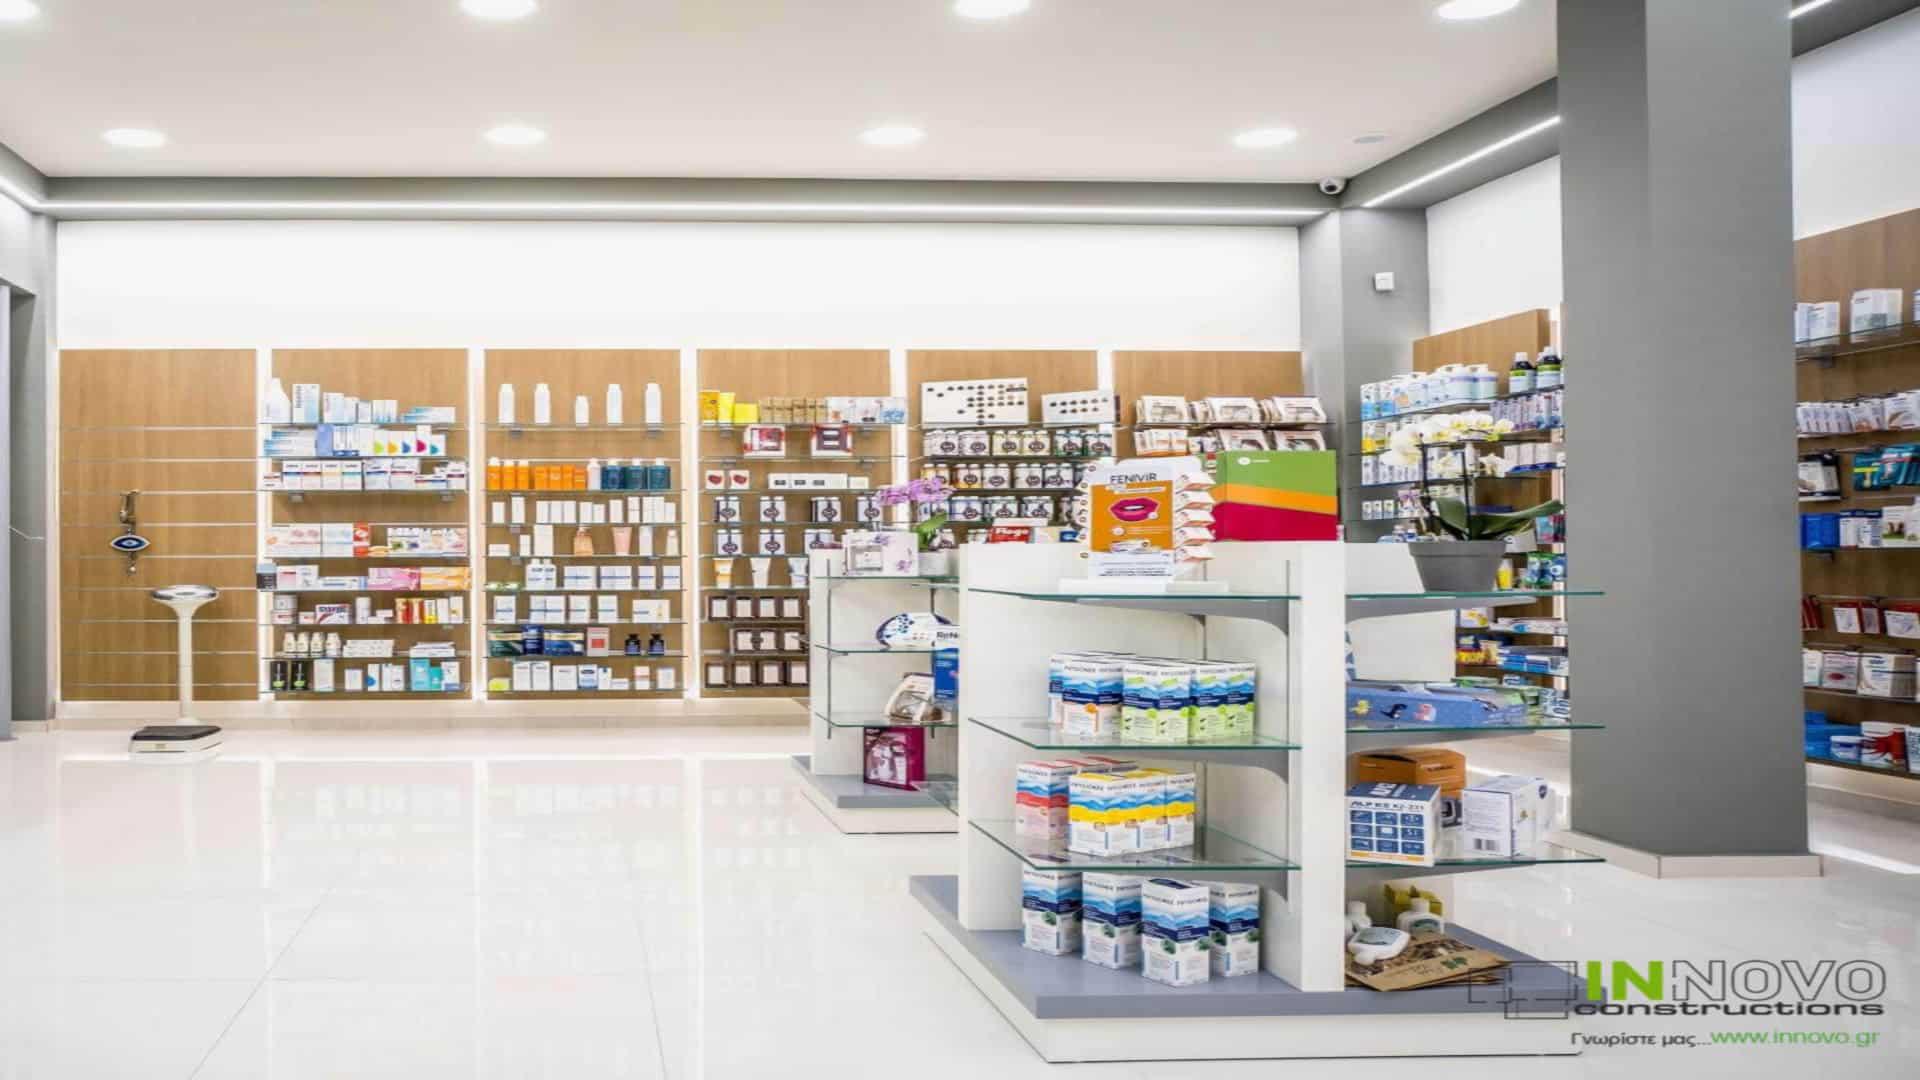 Σχεδιασμός ανακαίνισης Φαρμακείου στην Ηλιούπολη